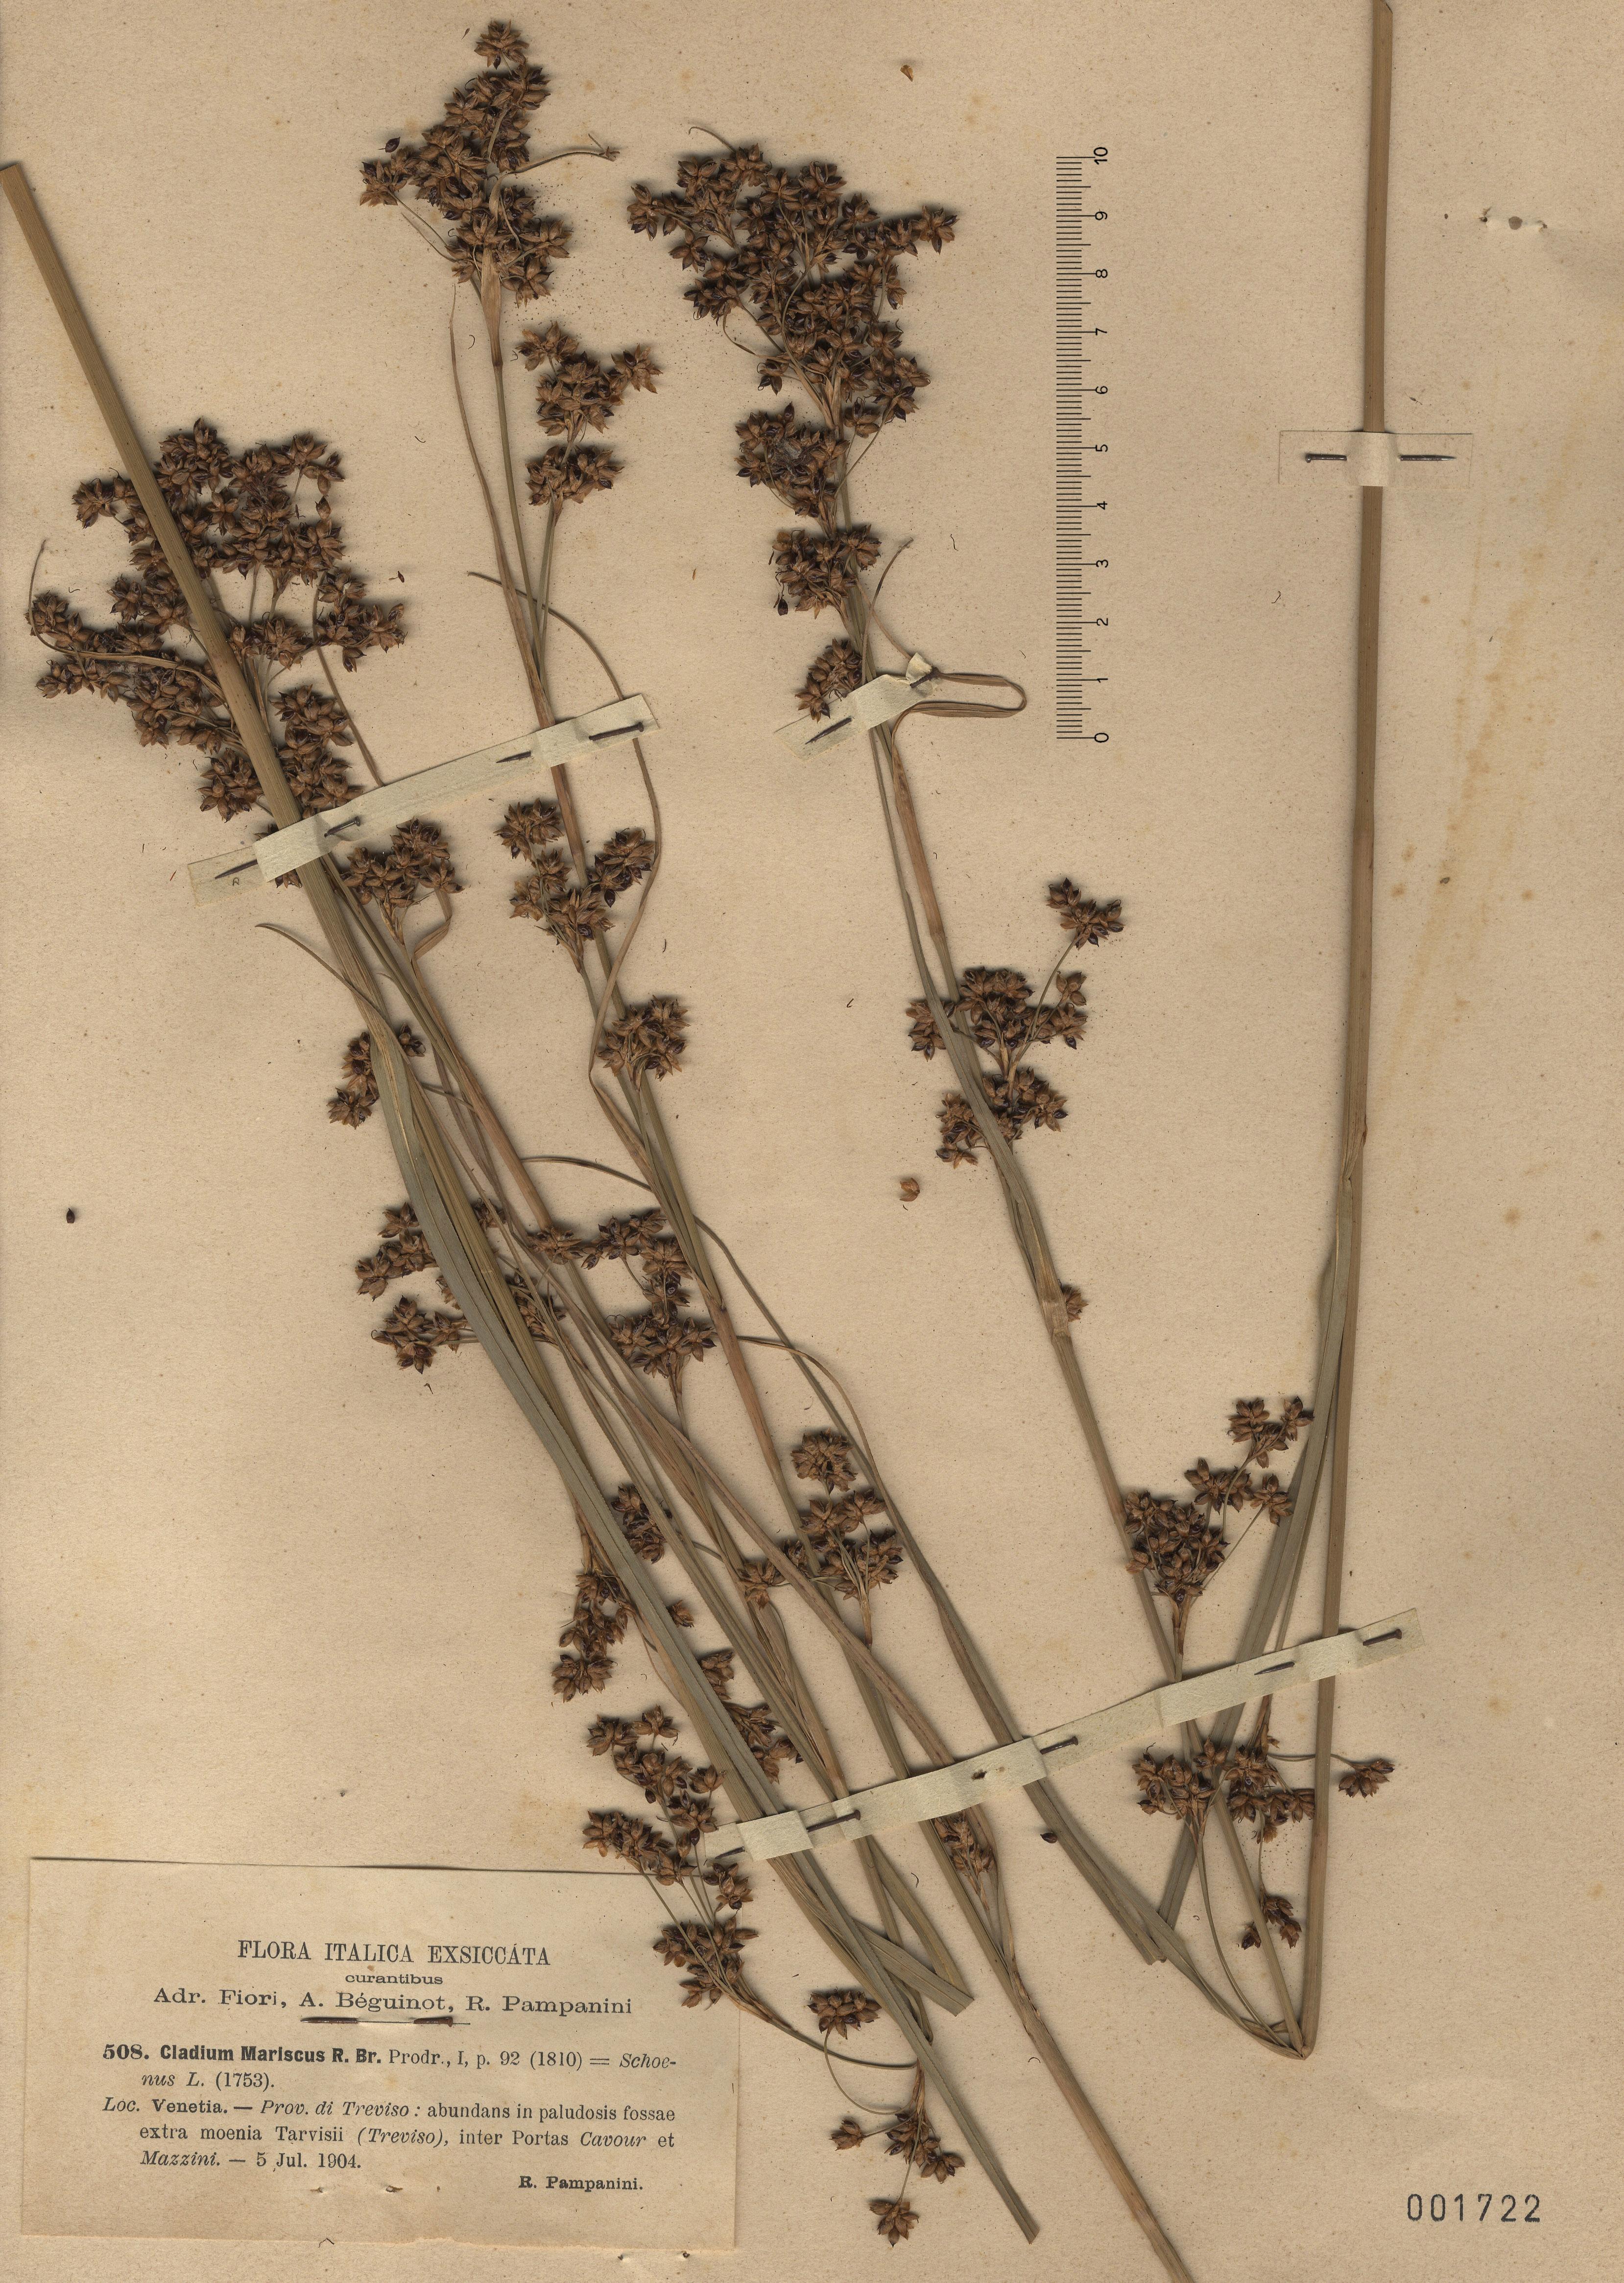 © Hortus Botanicus Catinensis - Herb. sheet 001722<br>